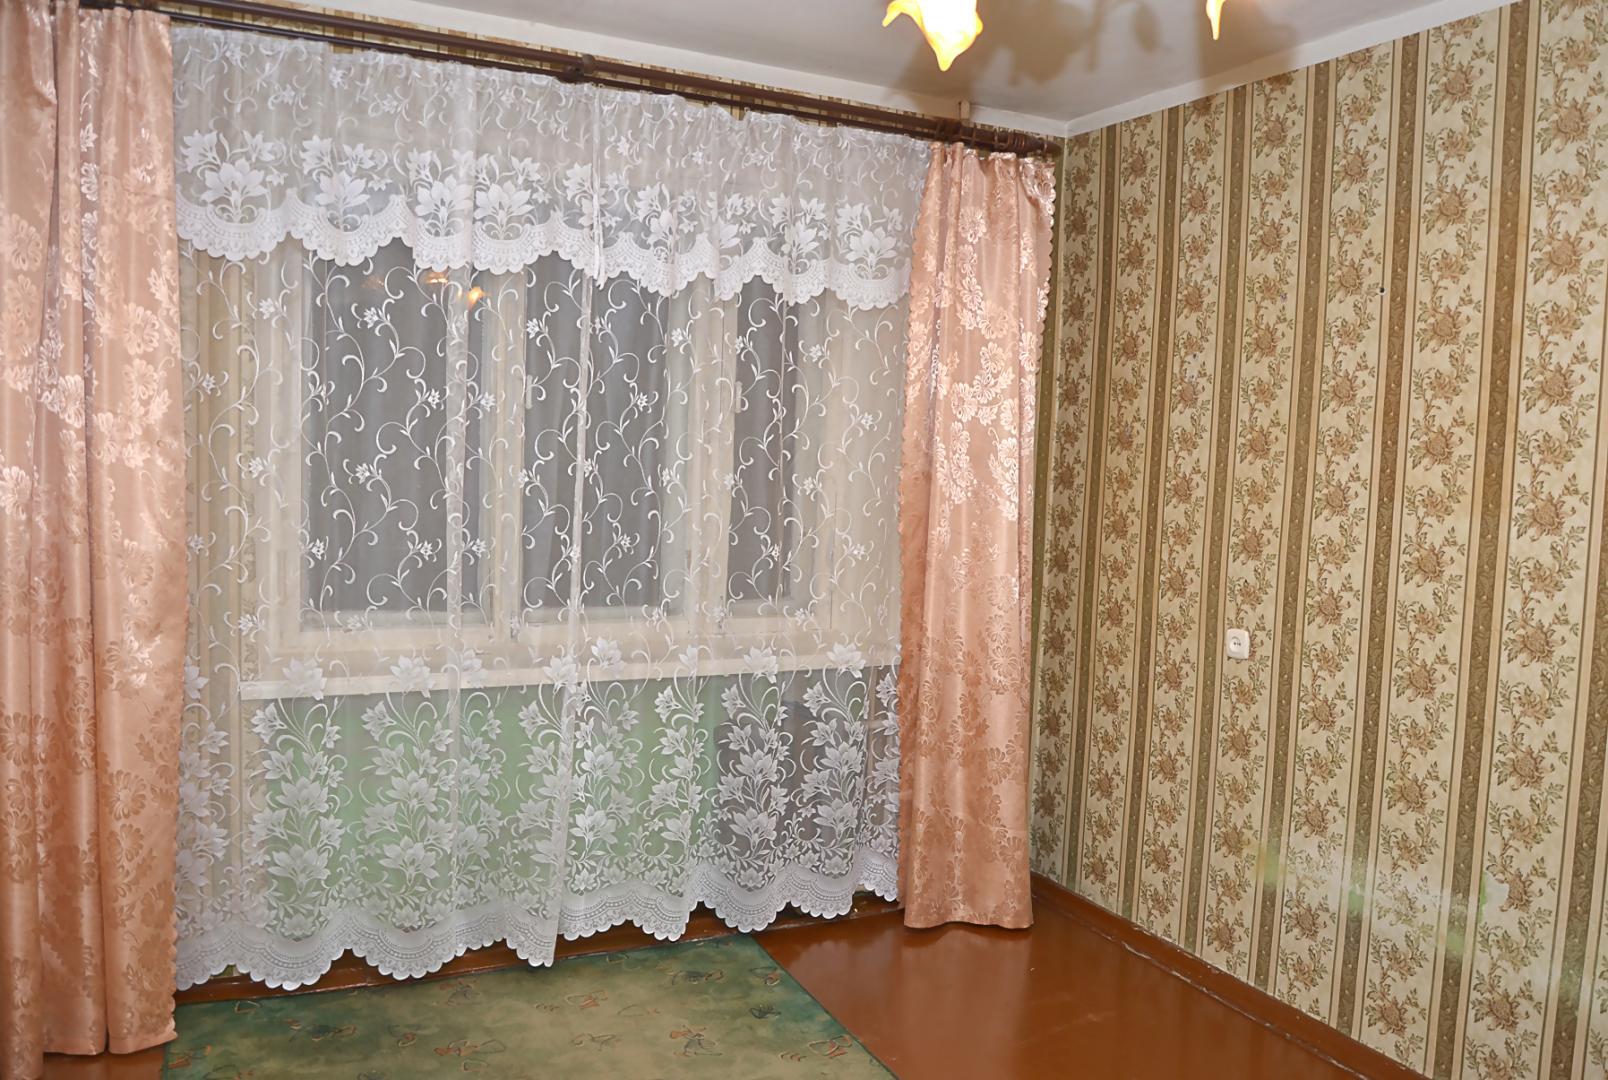 Продам комната по адресу Россия, Ярославская область, городской округ Рыбинск, Рыбинск, улица 9 Мая, 15 фото 3 по выгодной цене